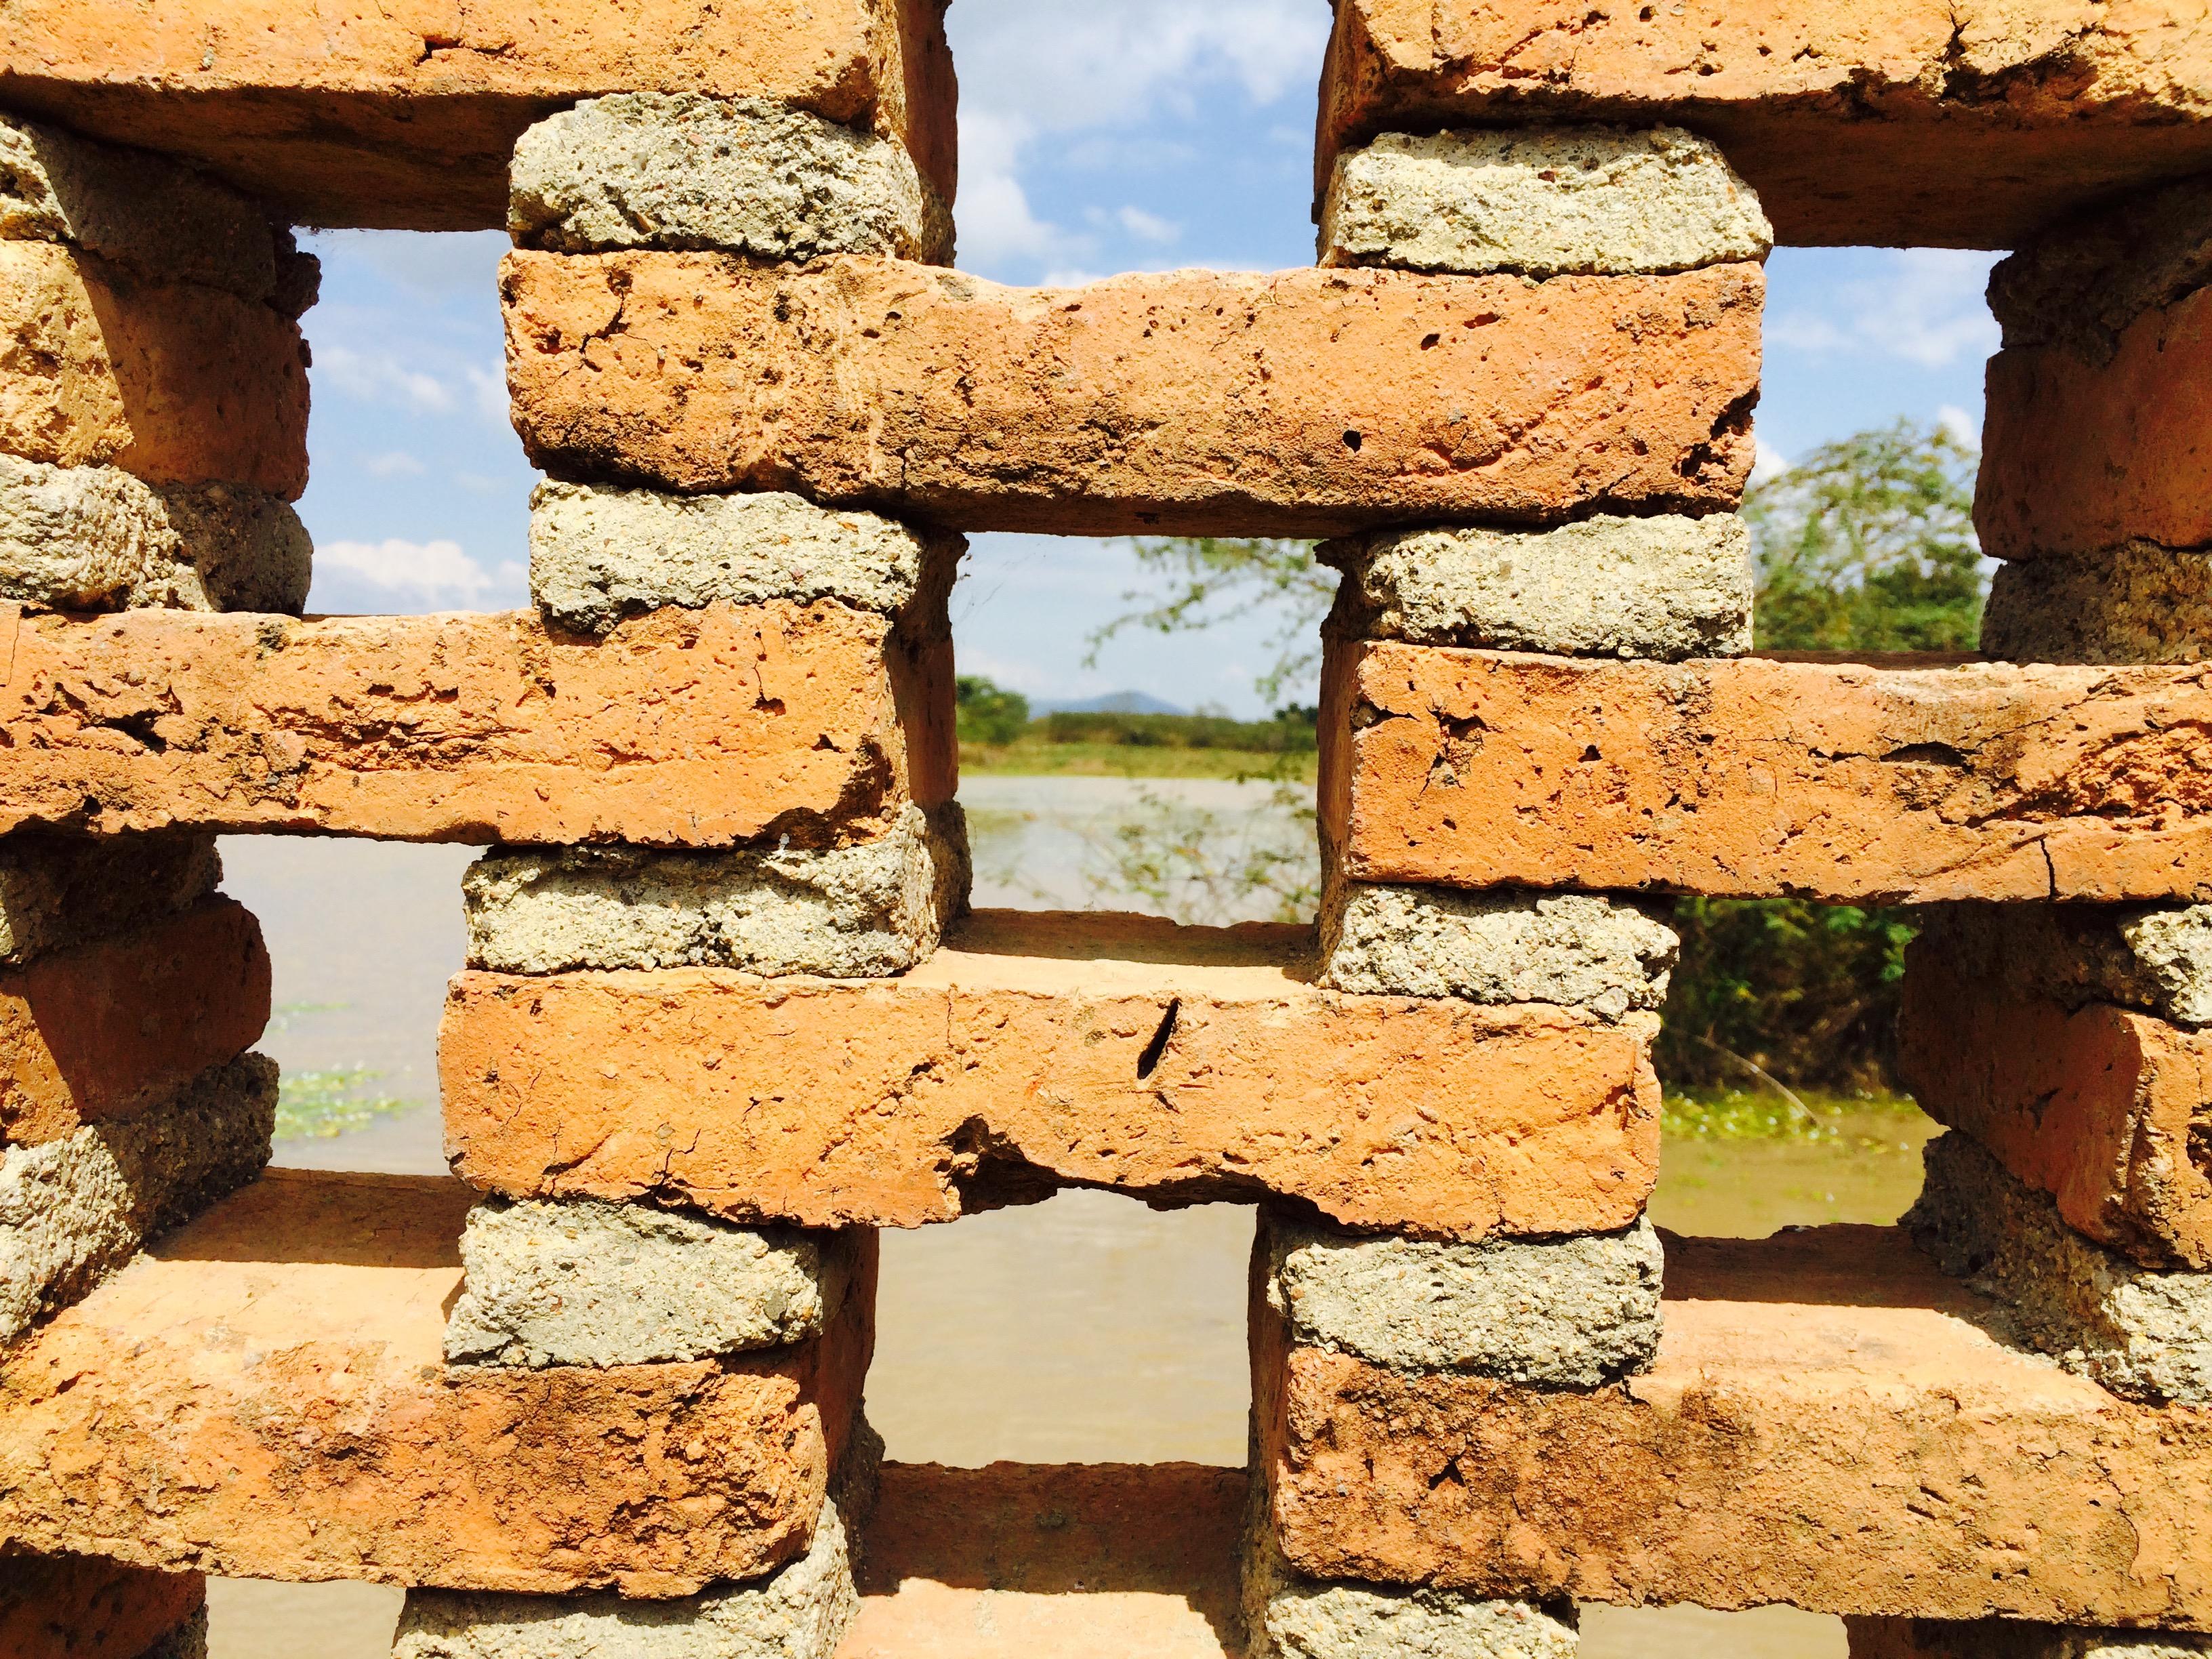 Image of Bricks on Farm